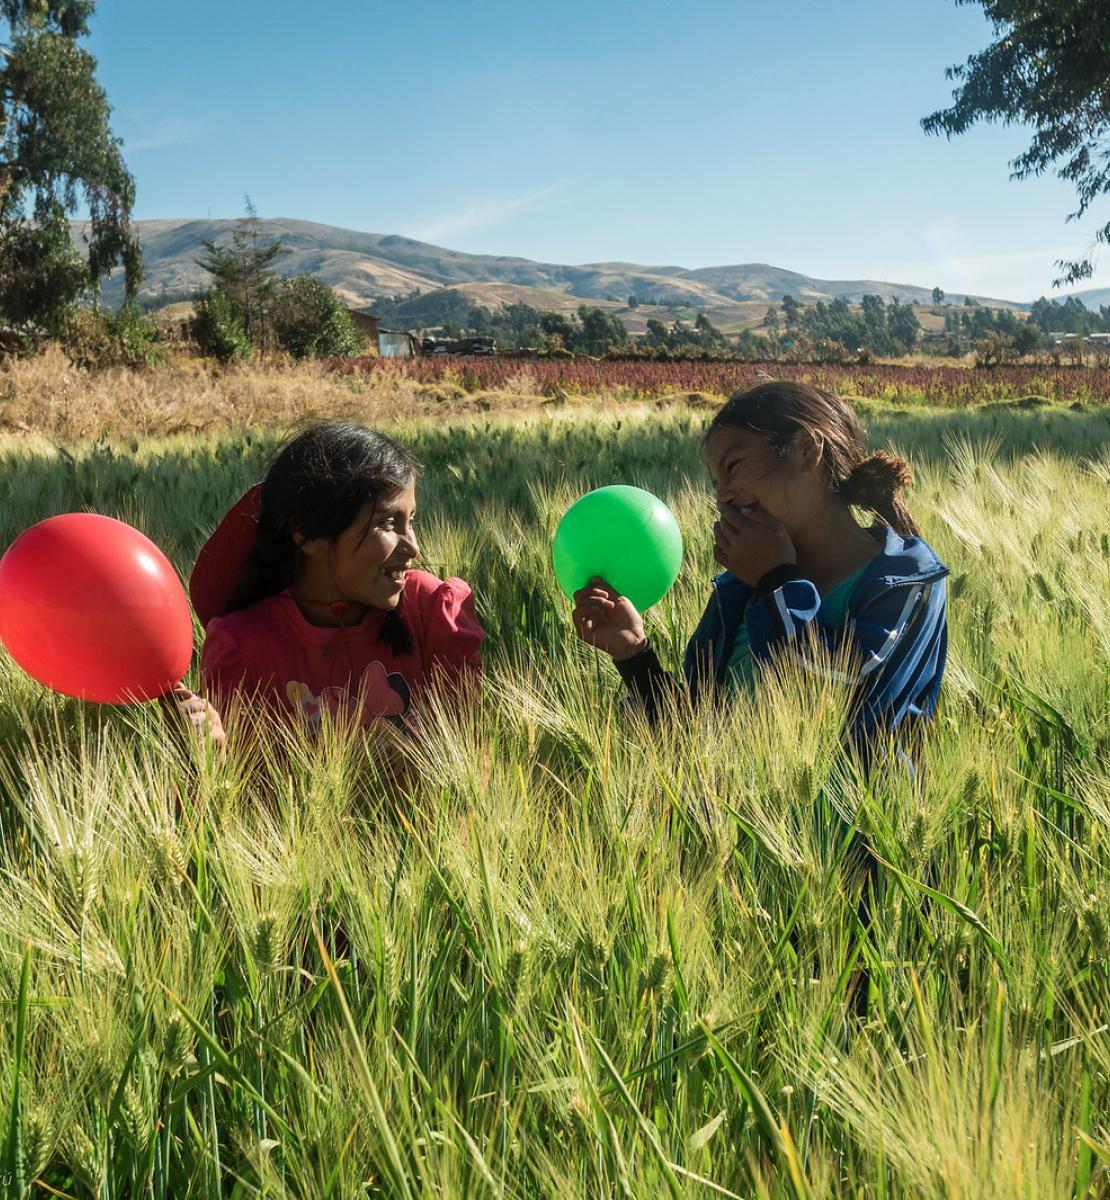 فتاتان في حقل تلعبان ببالونين أخضر وأحمر.